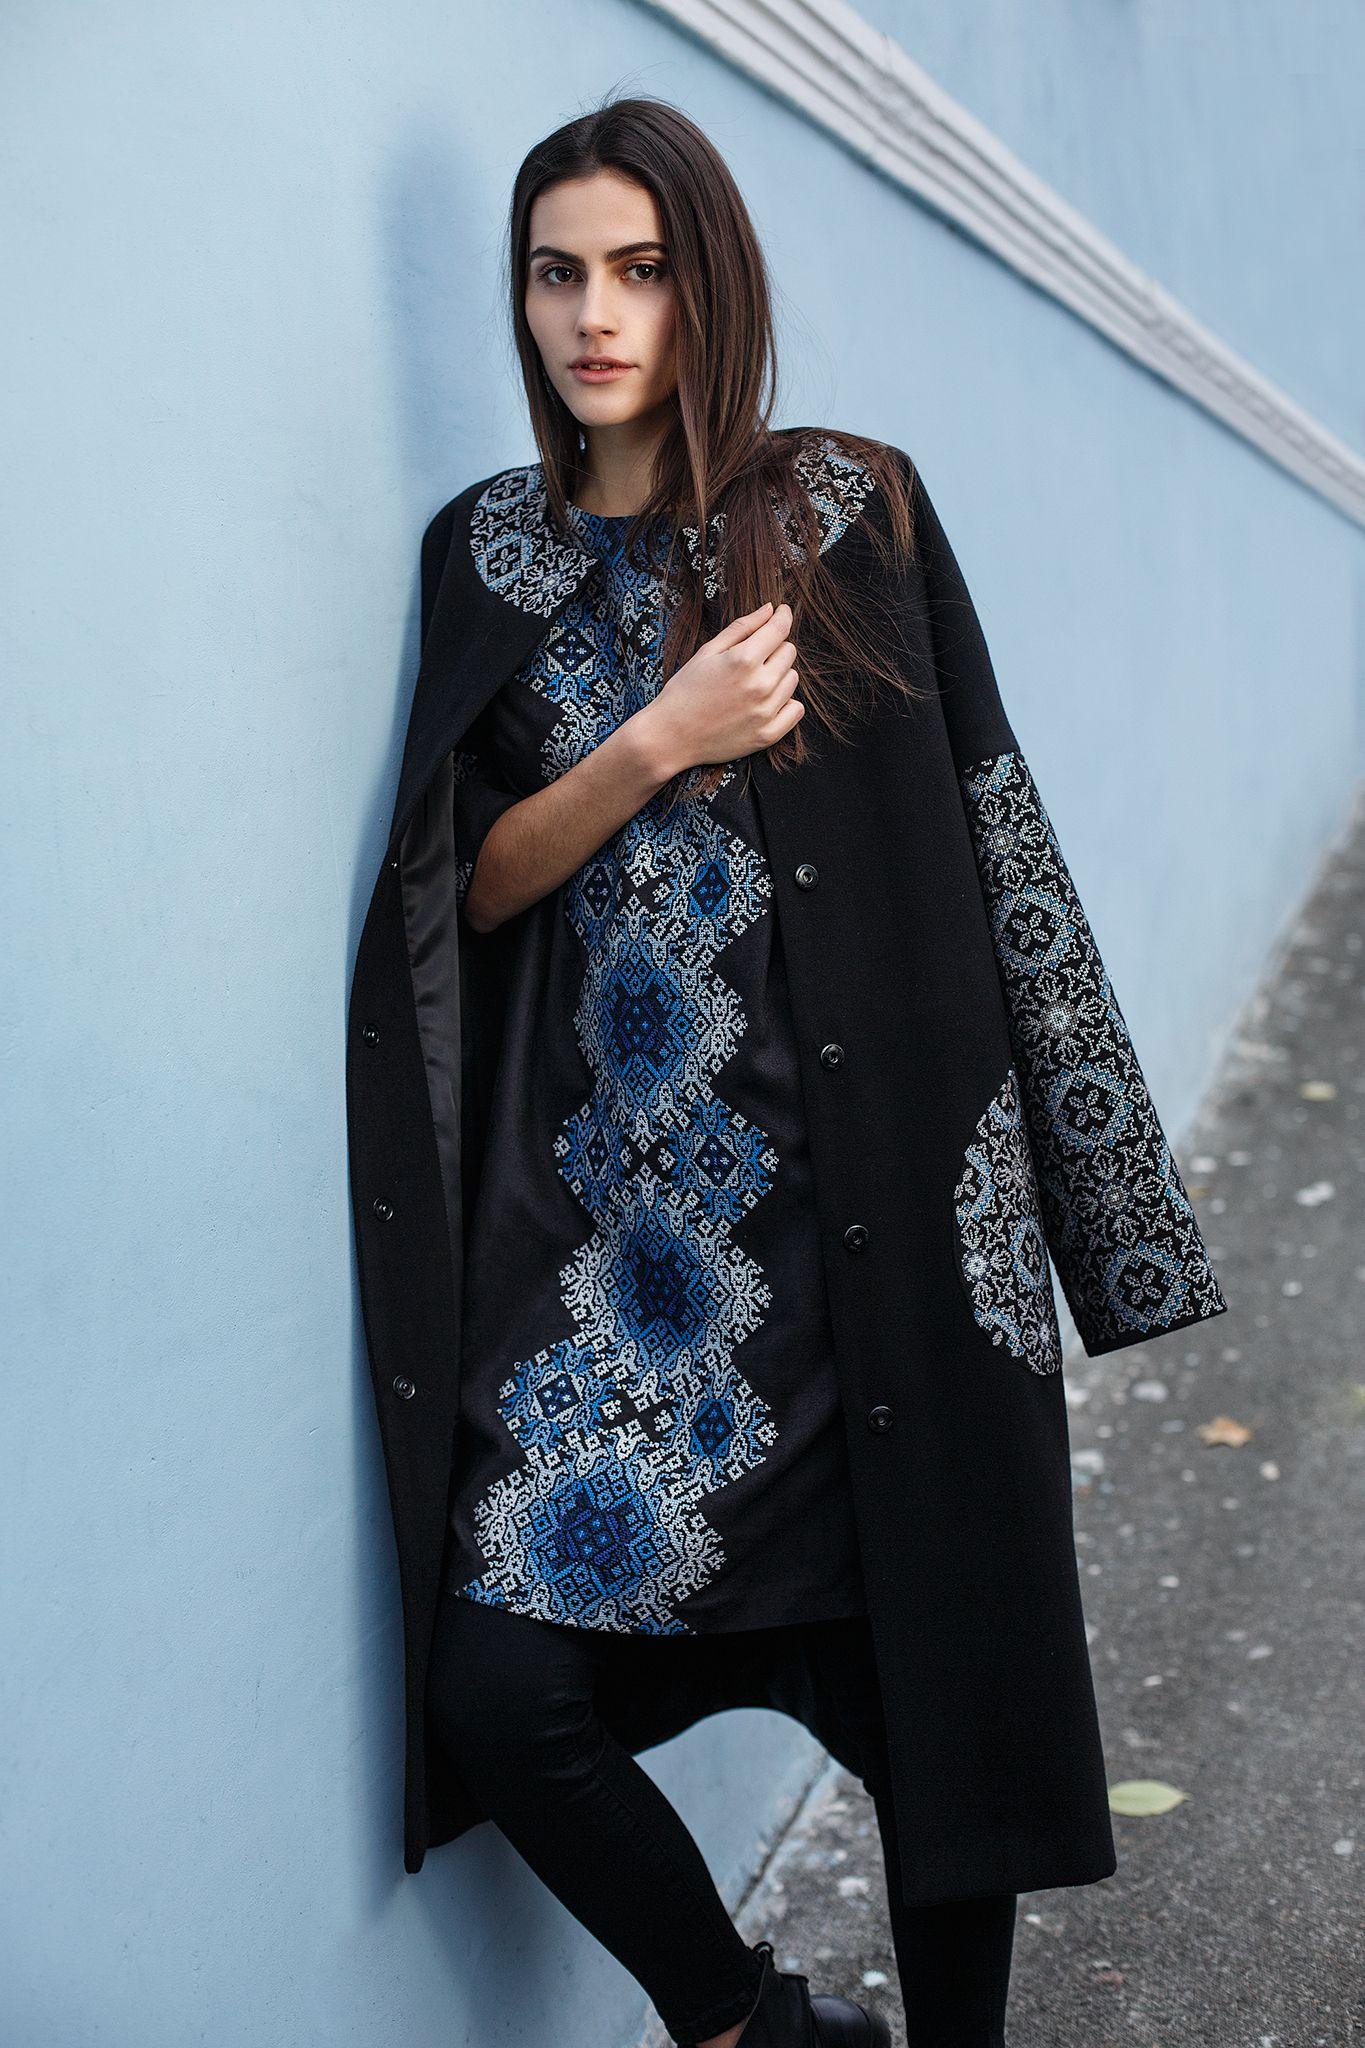 3ad8bf1d0d76c3 Пальто HRW-CT06 - унікальний вишитий одяг від студії